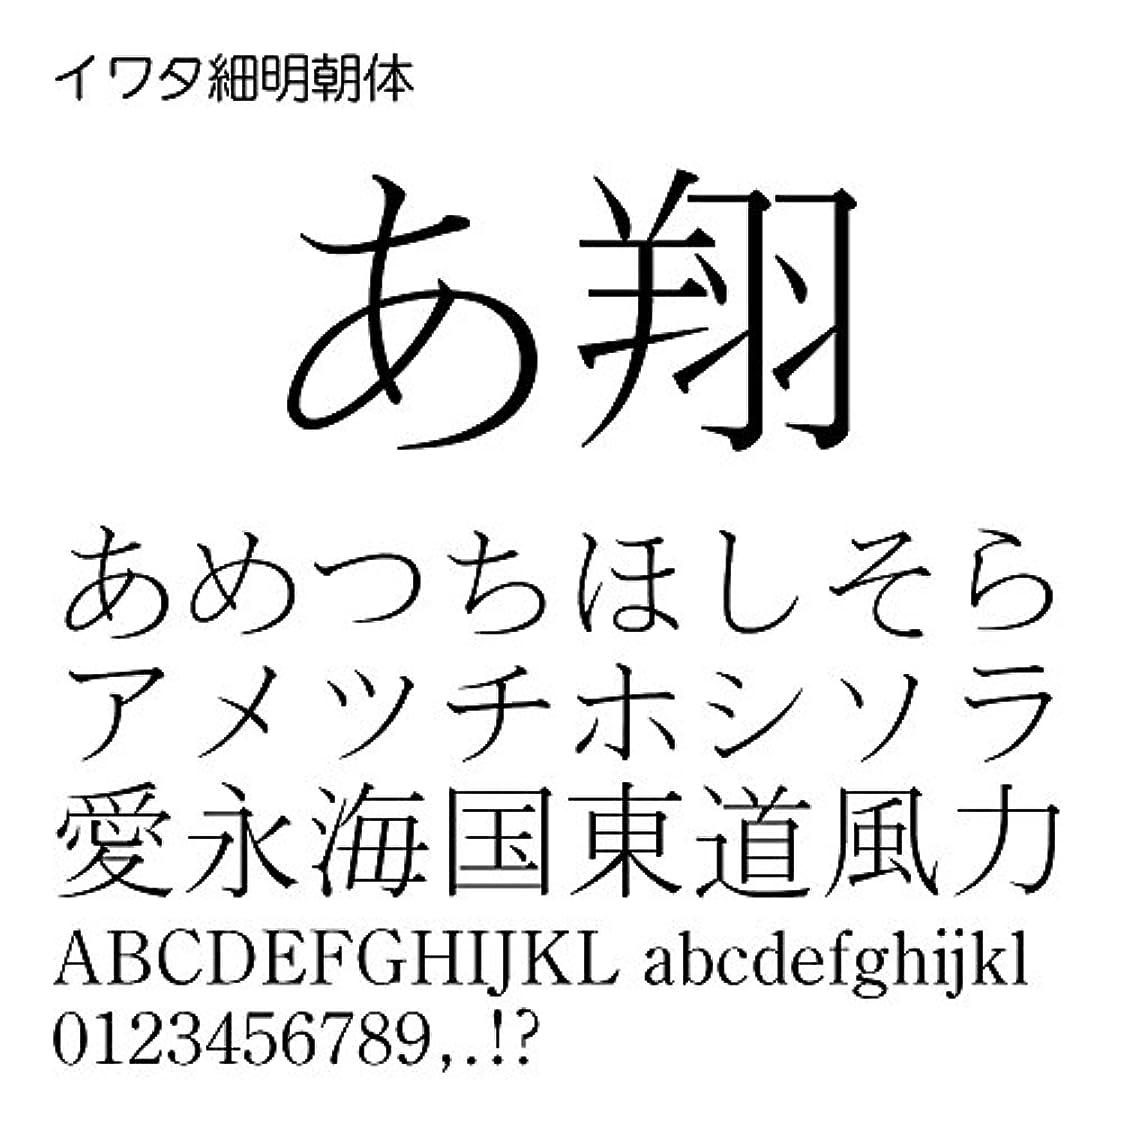 定規蒸留セラーイワタ細明朝体Std OpenType Font for Windows [ダウンロード]